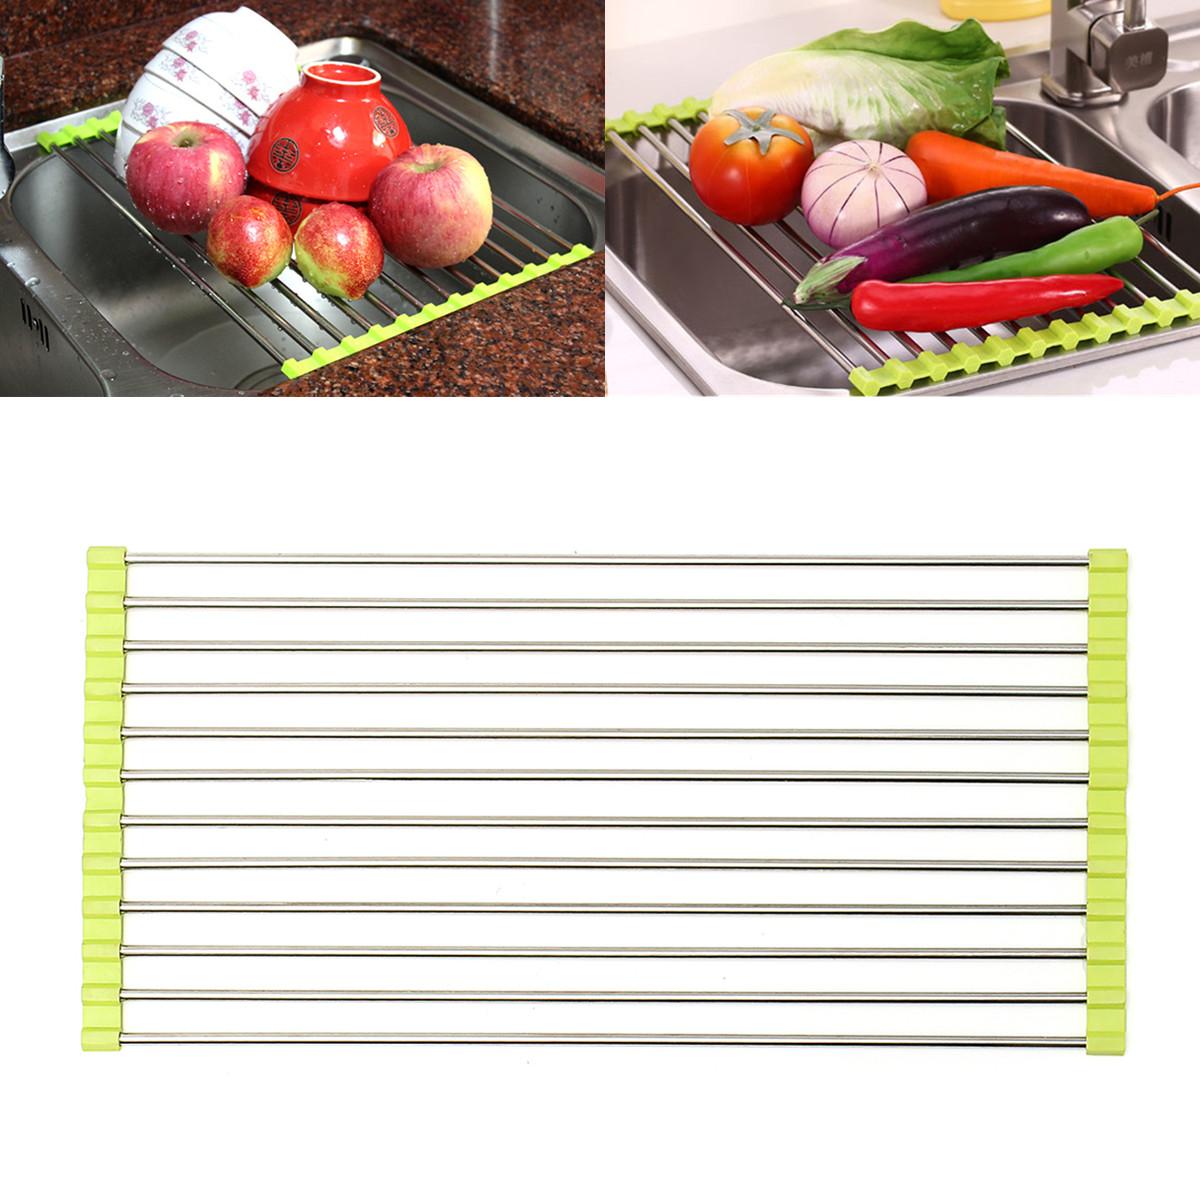 Stainless Steel Sink Dish Drying Roll Rack Fruit Vegetable Drainer Holder Shelf for Kitchen